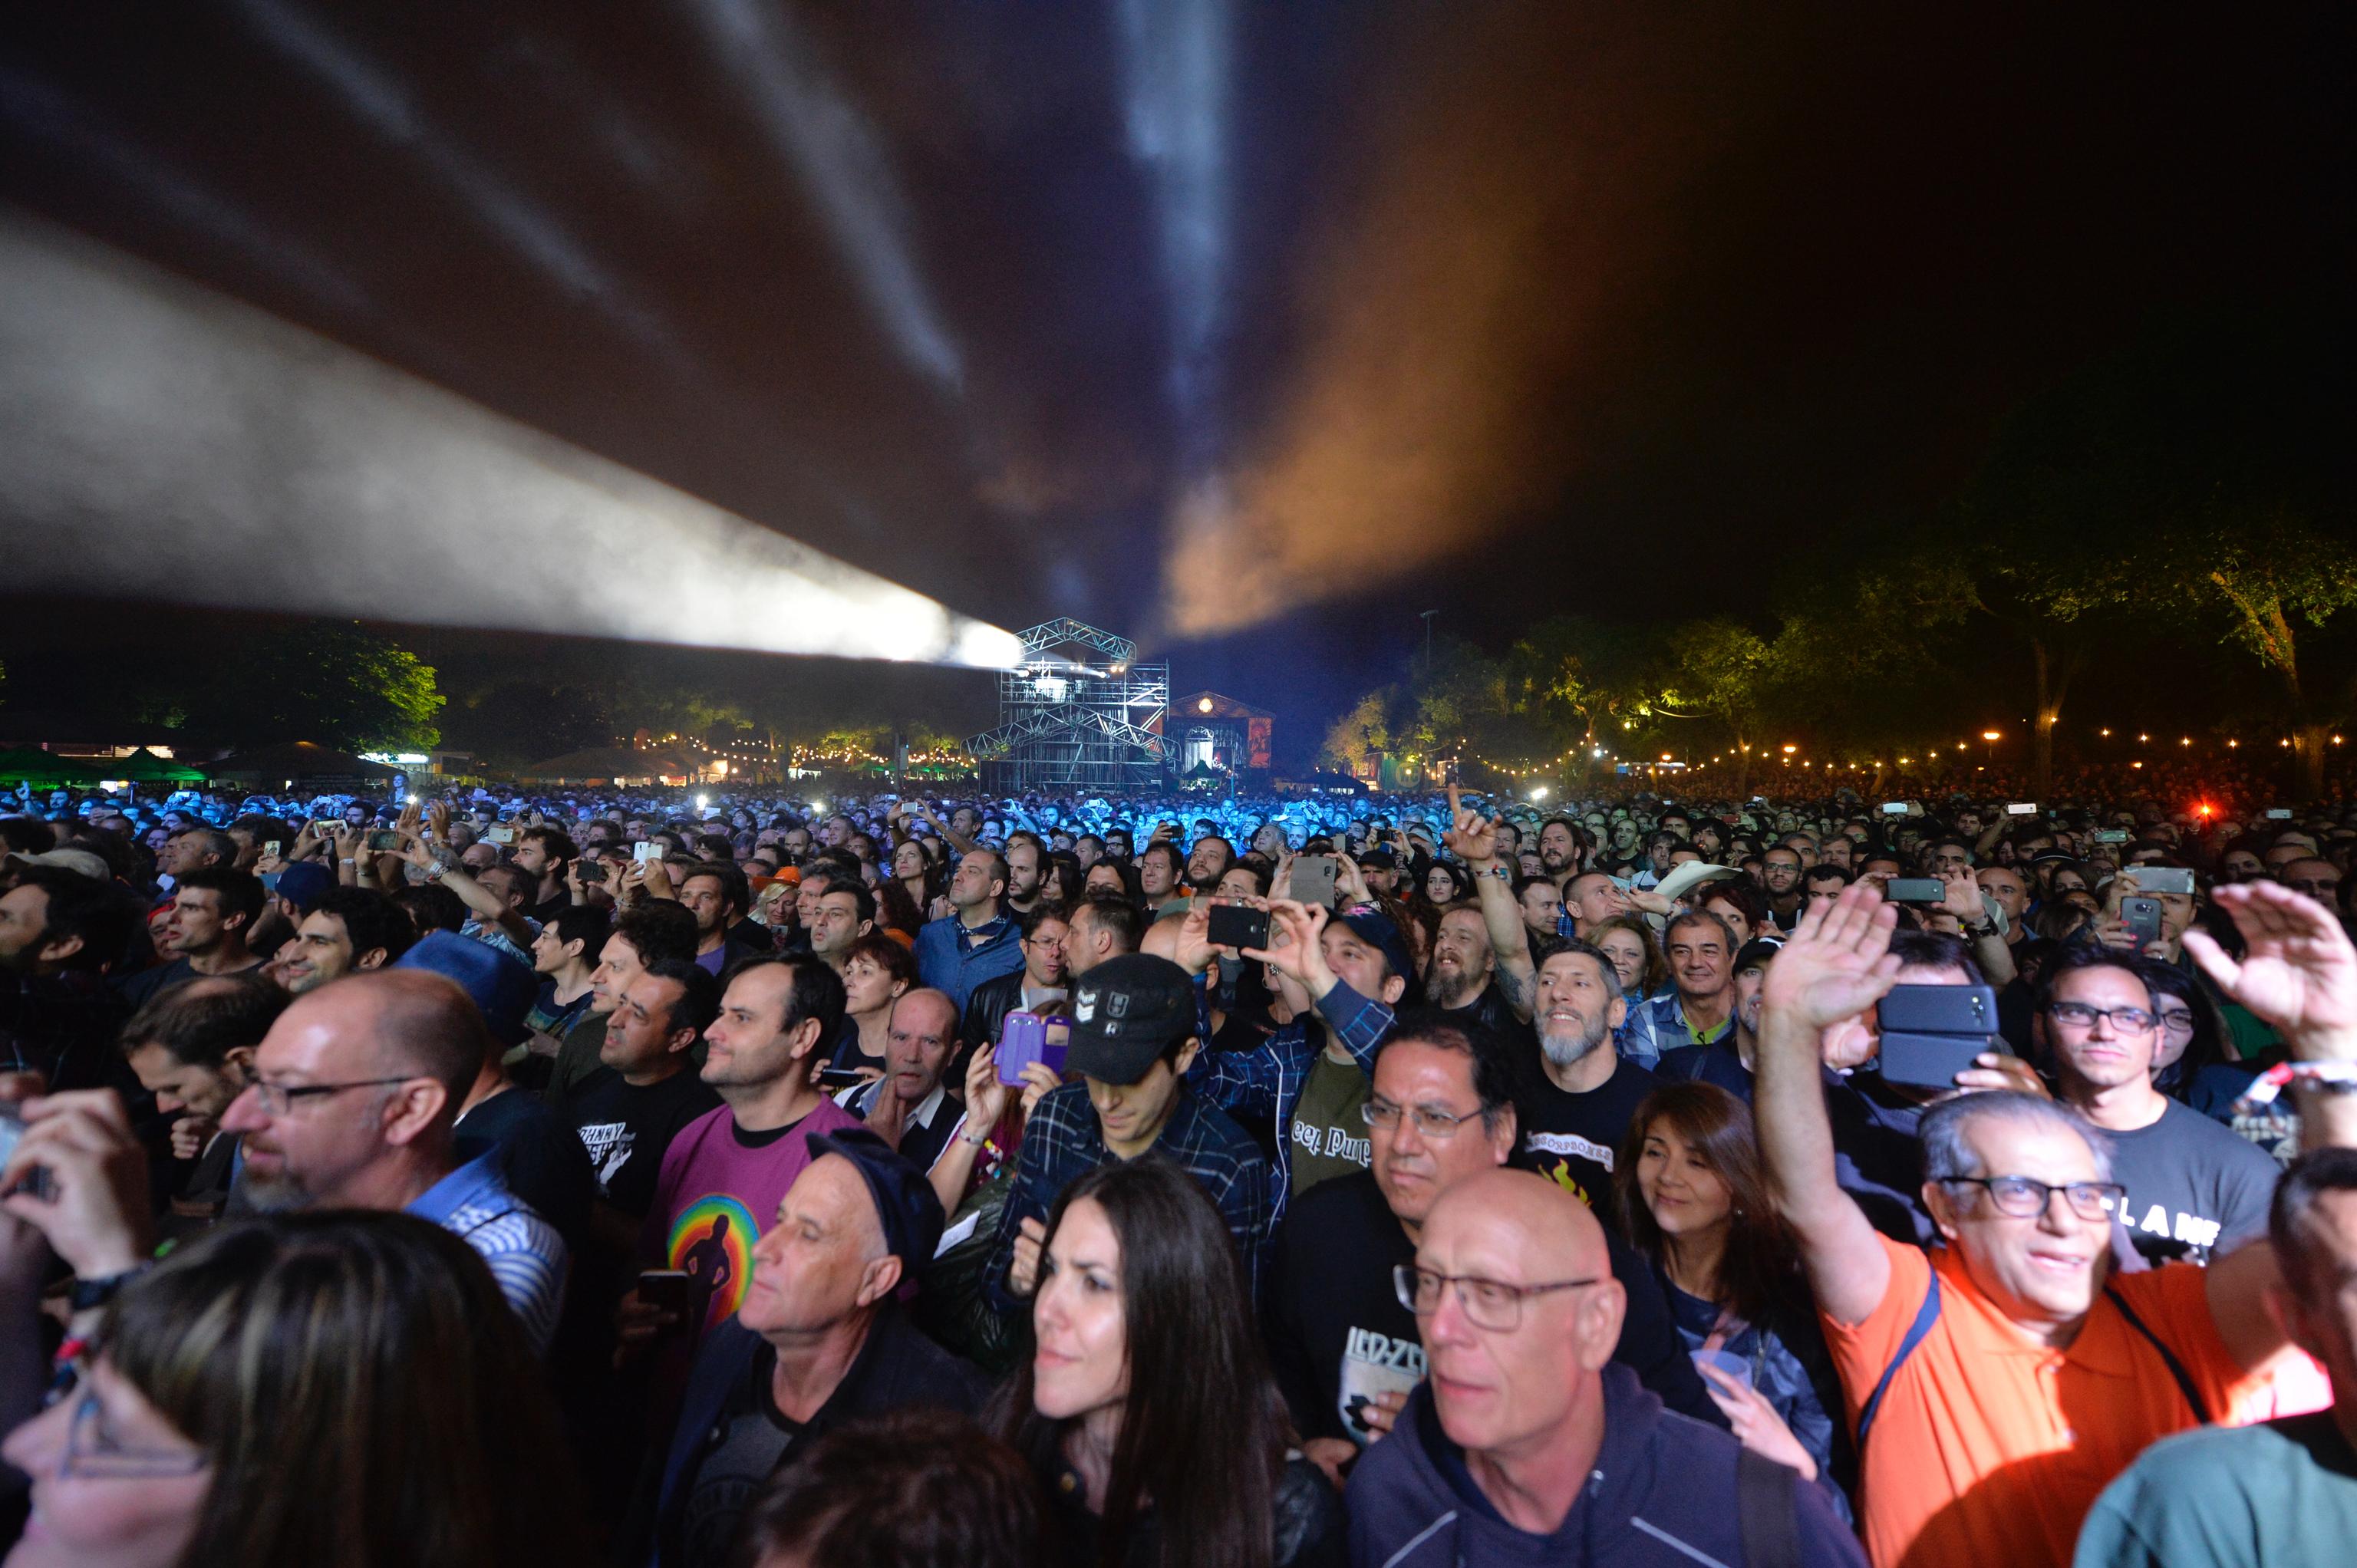 Público de una edición anterior del festival Azkena Rock